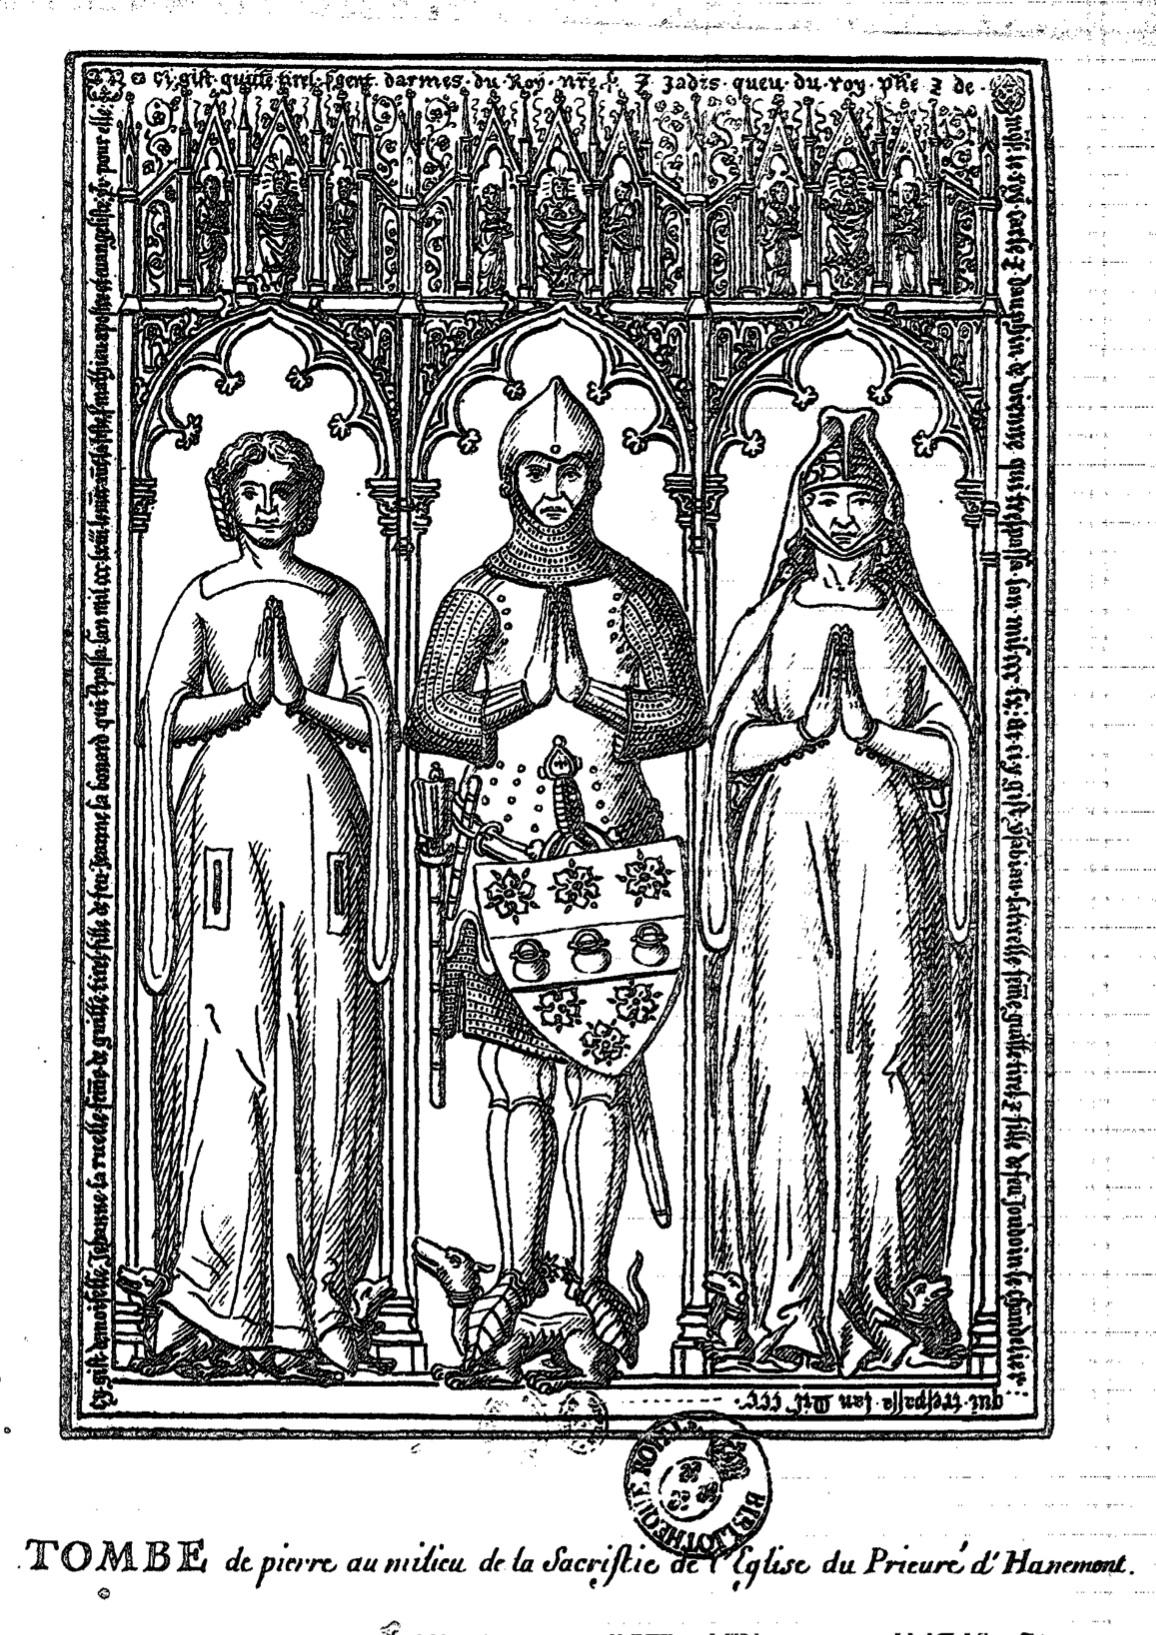 ギヨーム・ティレルの墓碑の図